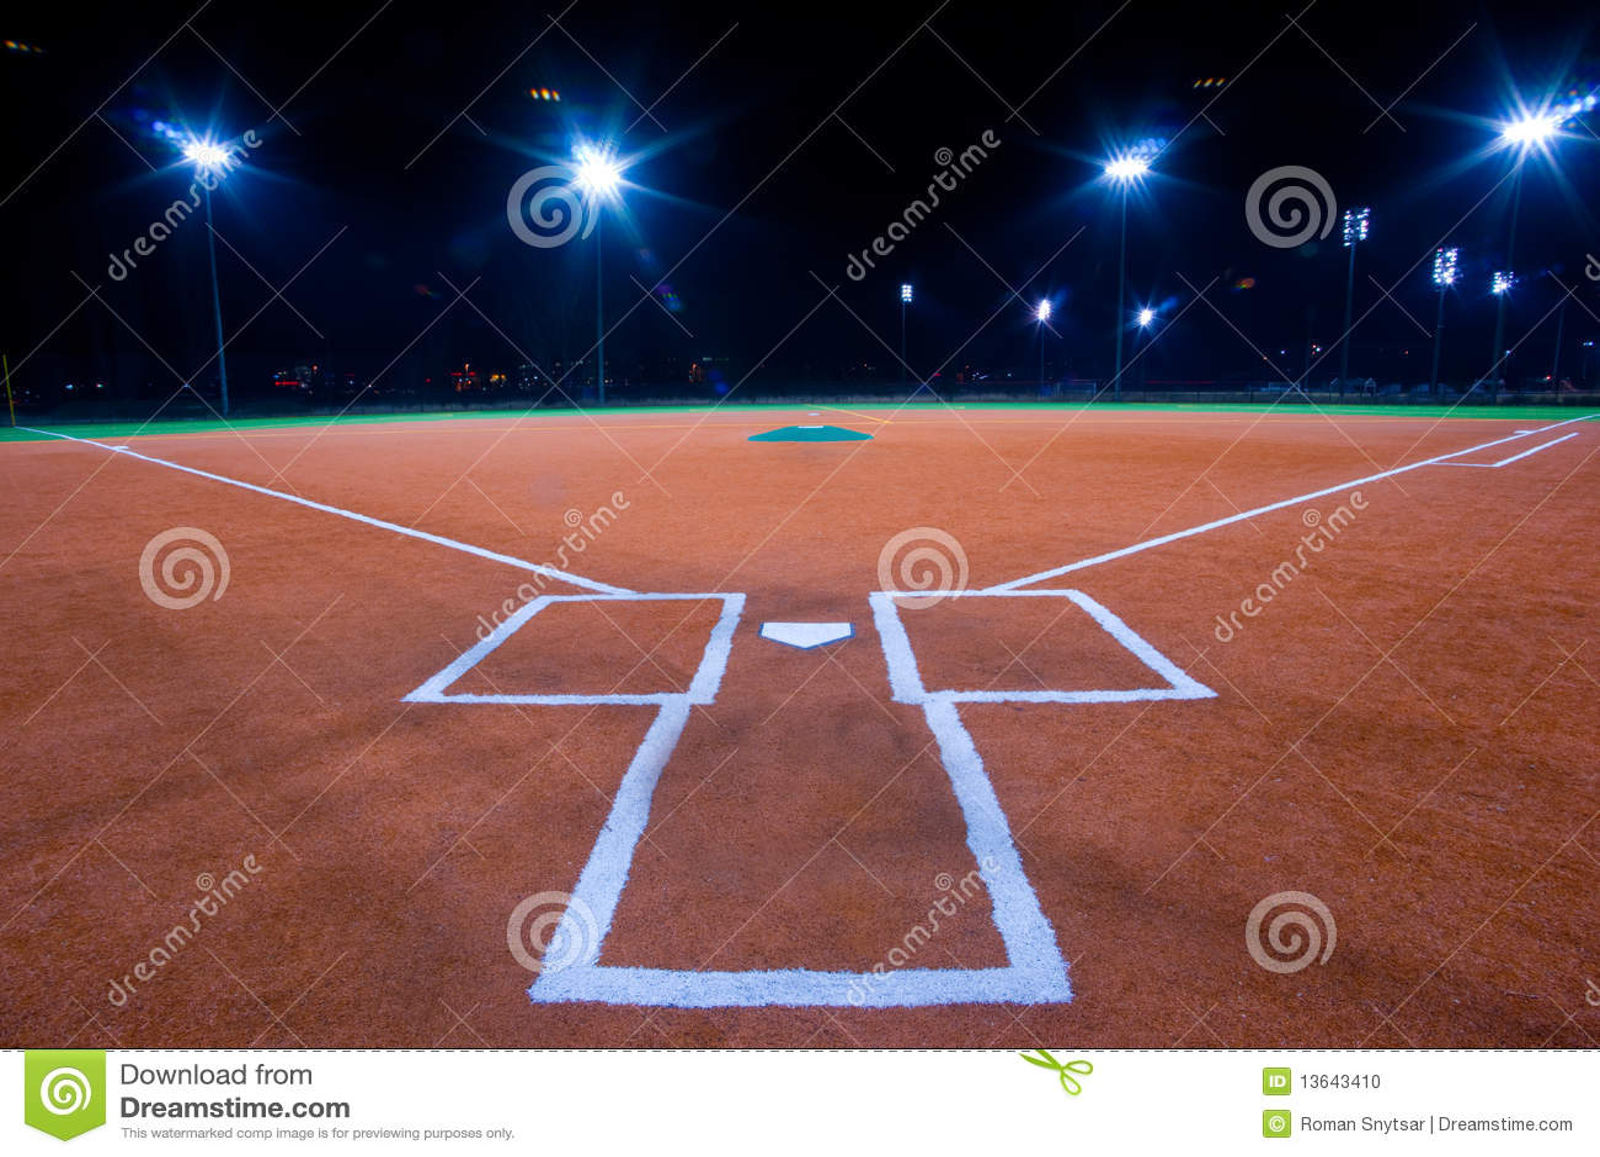 Baseballa diamentu noc